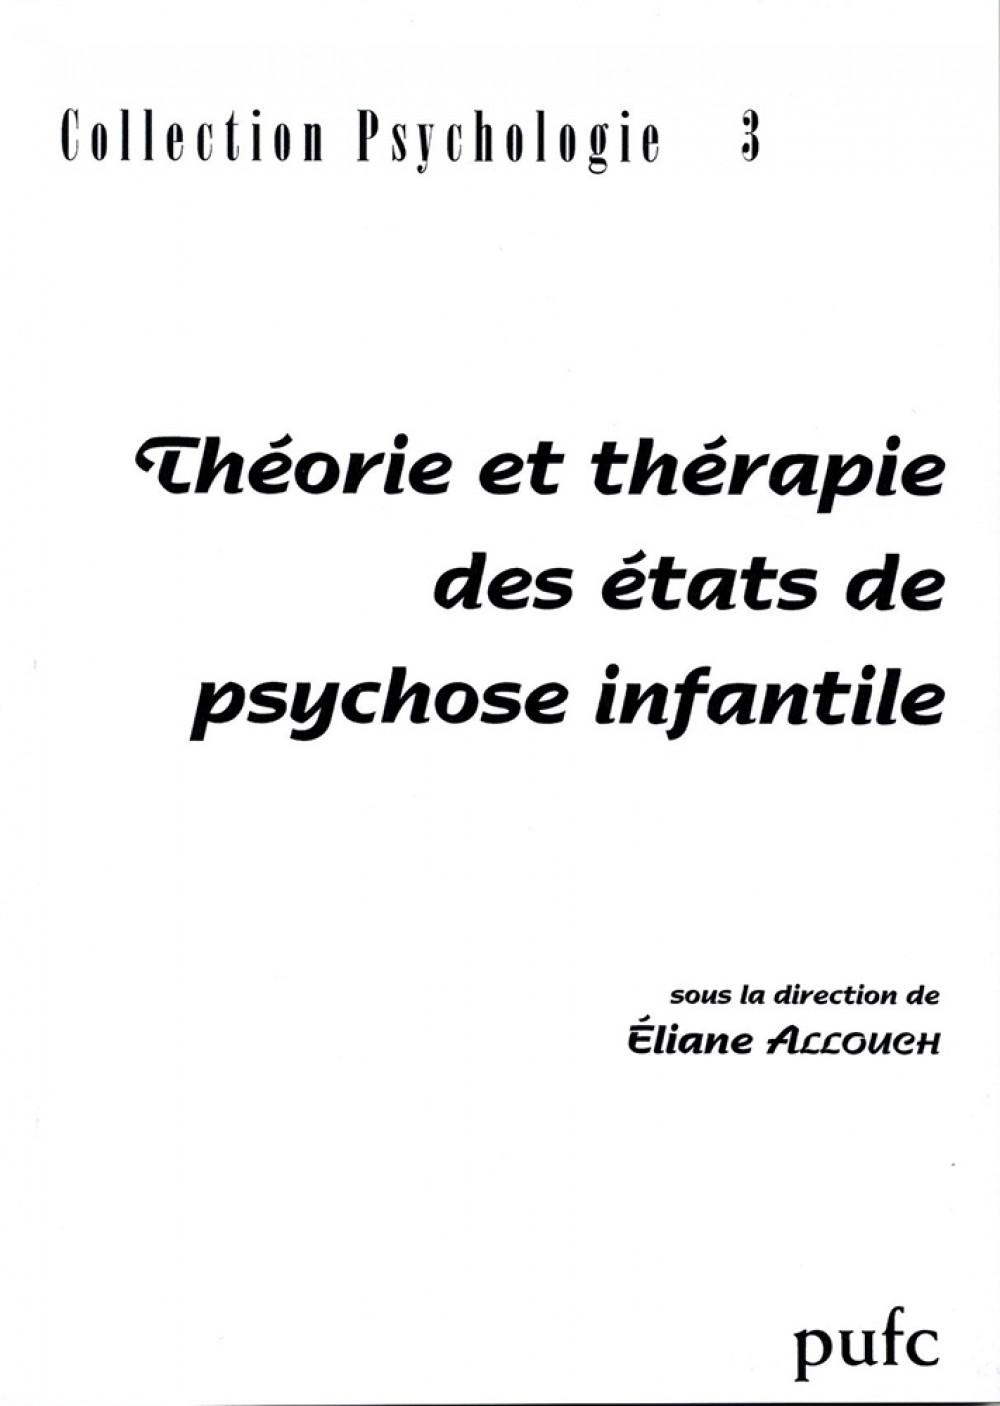 Théorie et thérapie des états de psychose infantile